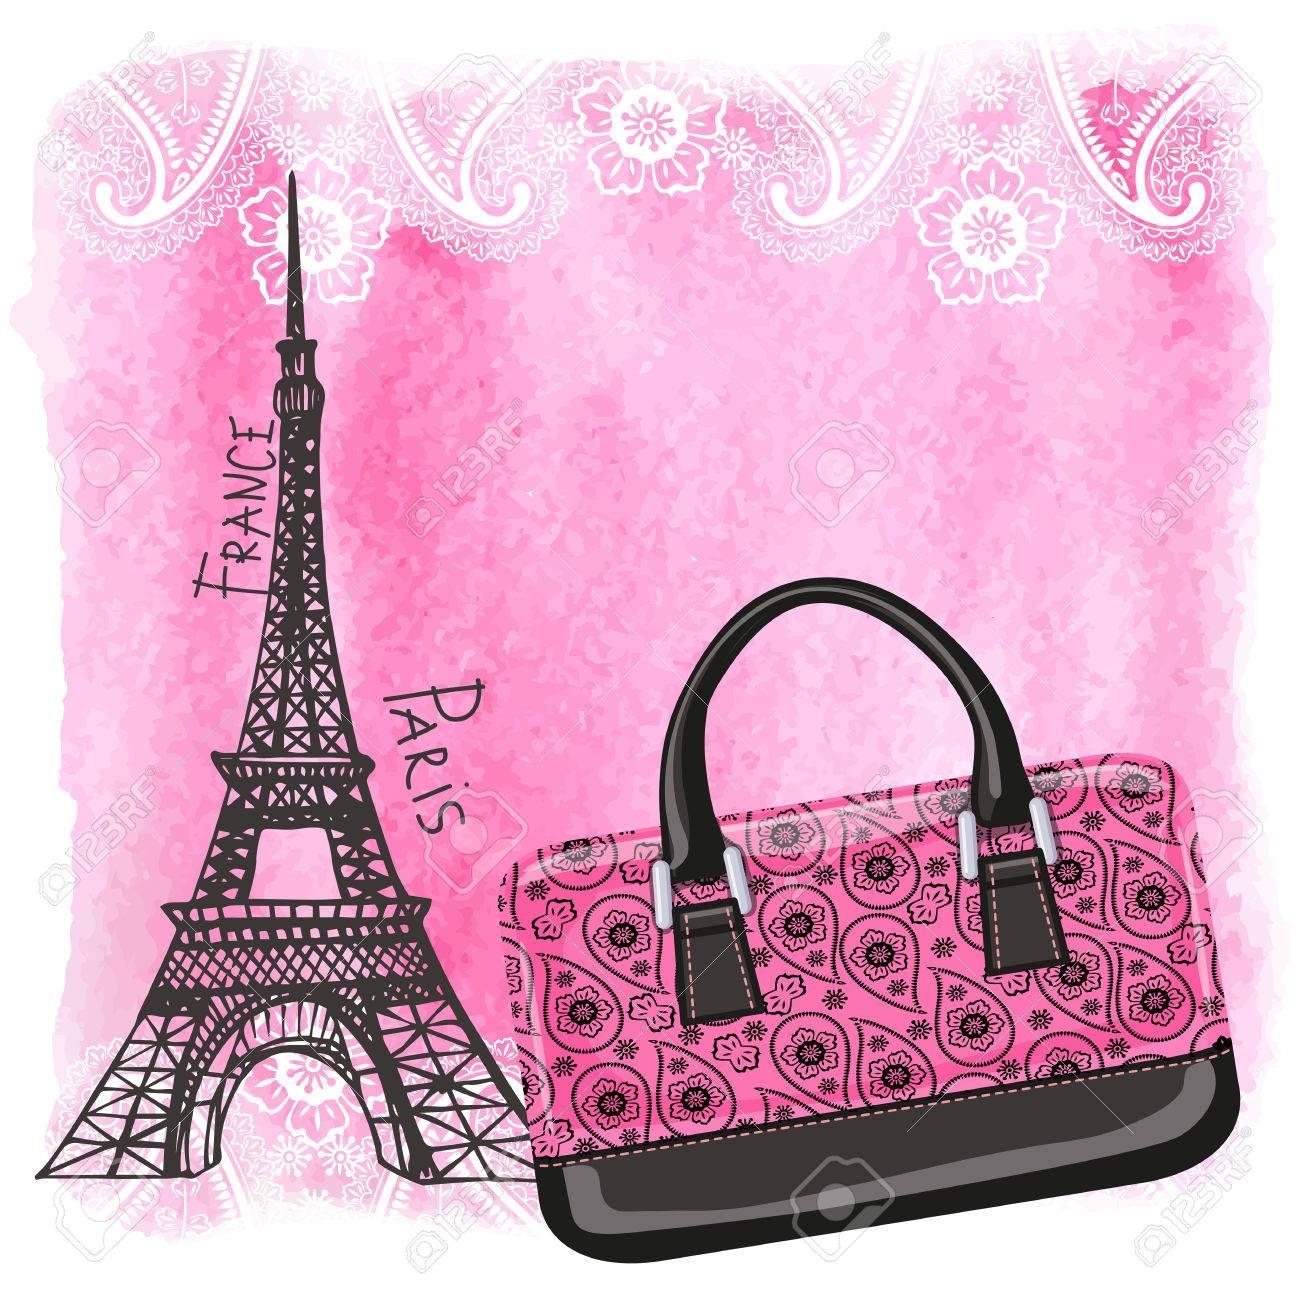 De Splash Aquarela artistic Texturizado Com Illustration Torre E Background gorgeous EiffelMarco Bolsa Da ParisPadrão Vector Paisley Forma jq4c3ARL5